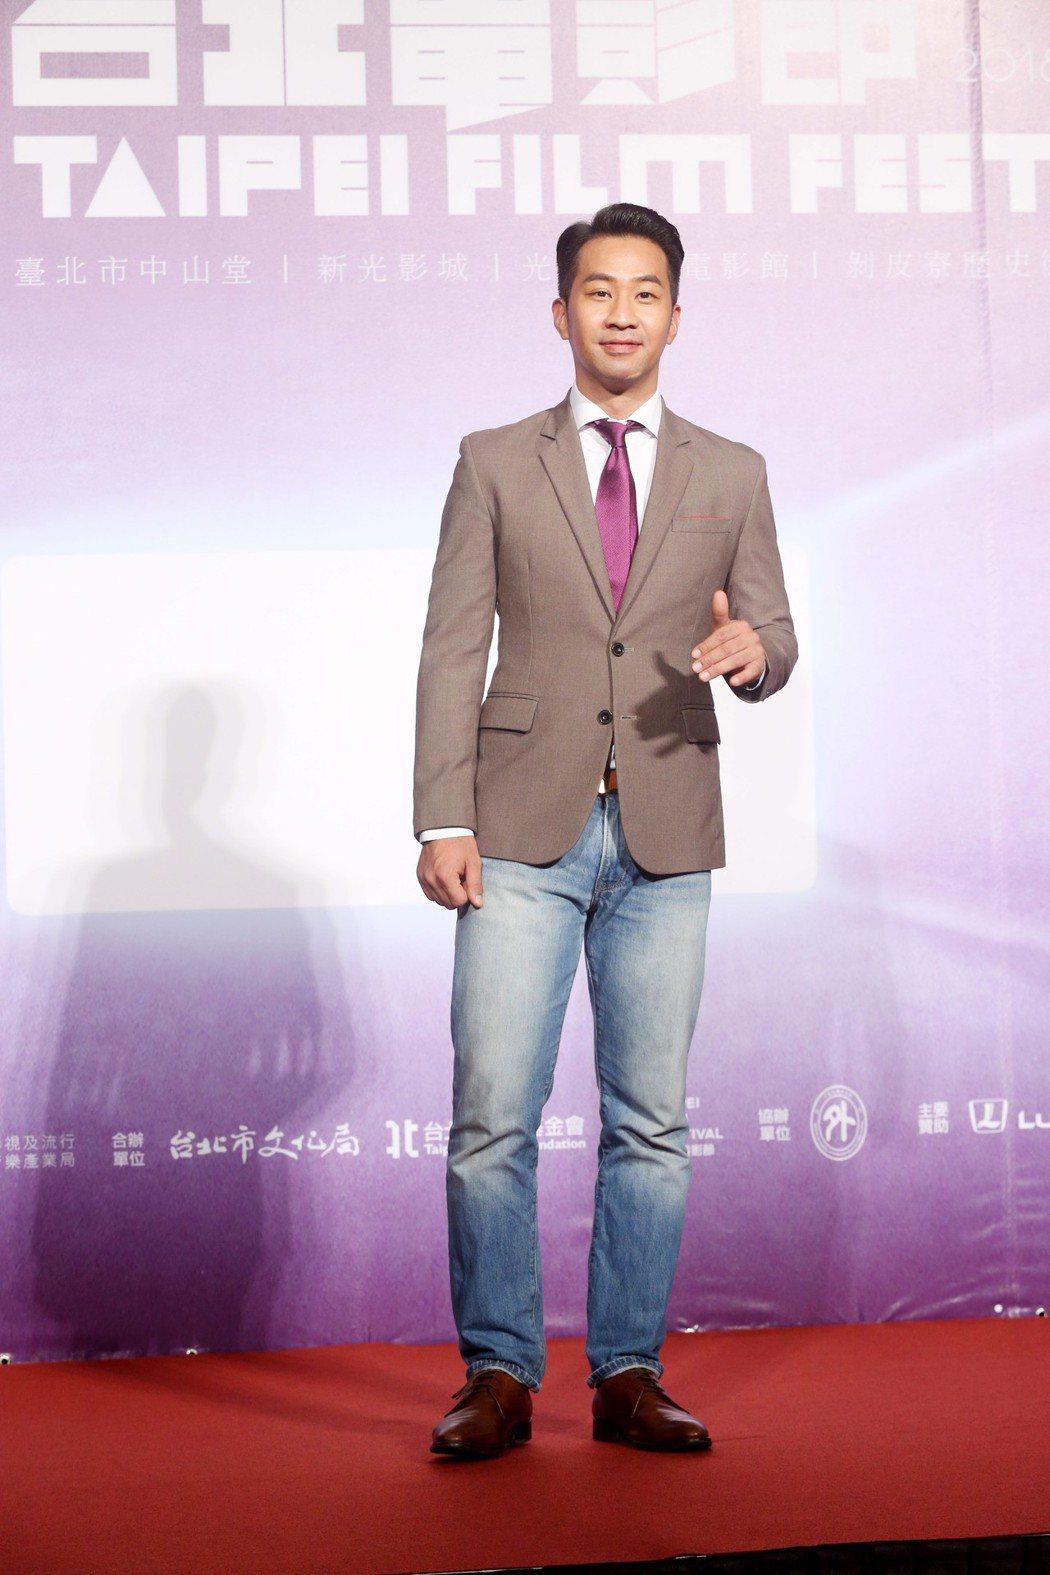 台北電影節開幕片《范保德》舉行亞洲首映記者會,演員黃健瑋出席。記者邱德祥/攝影